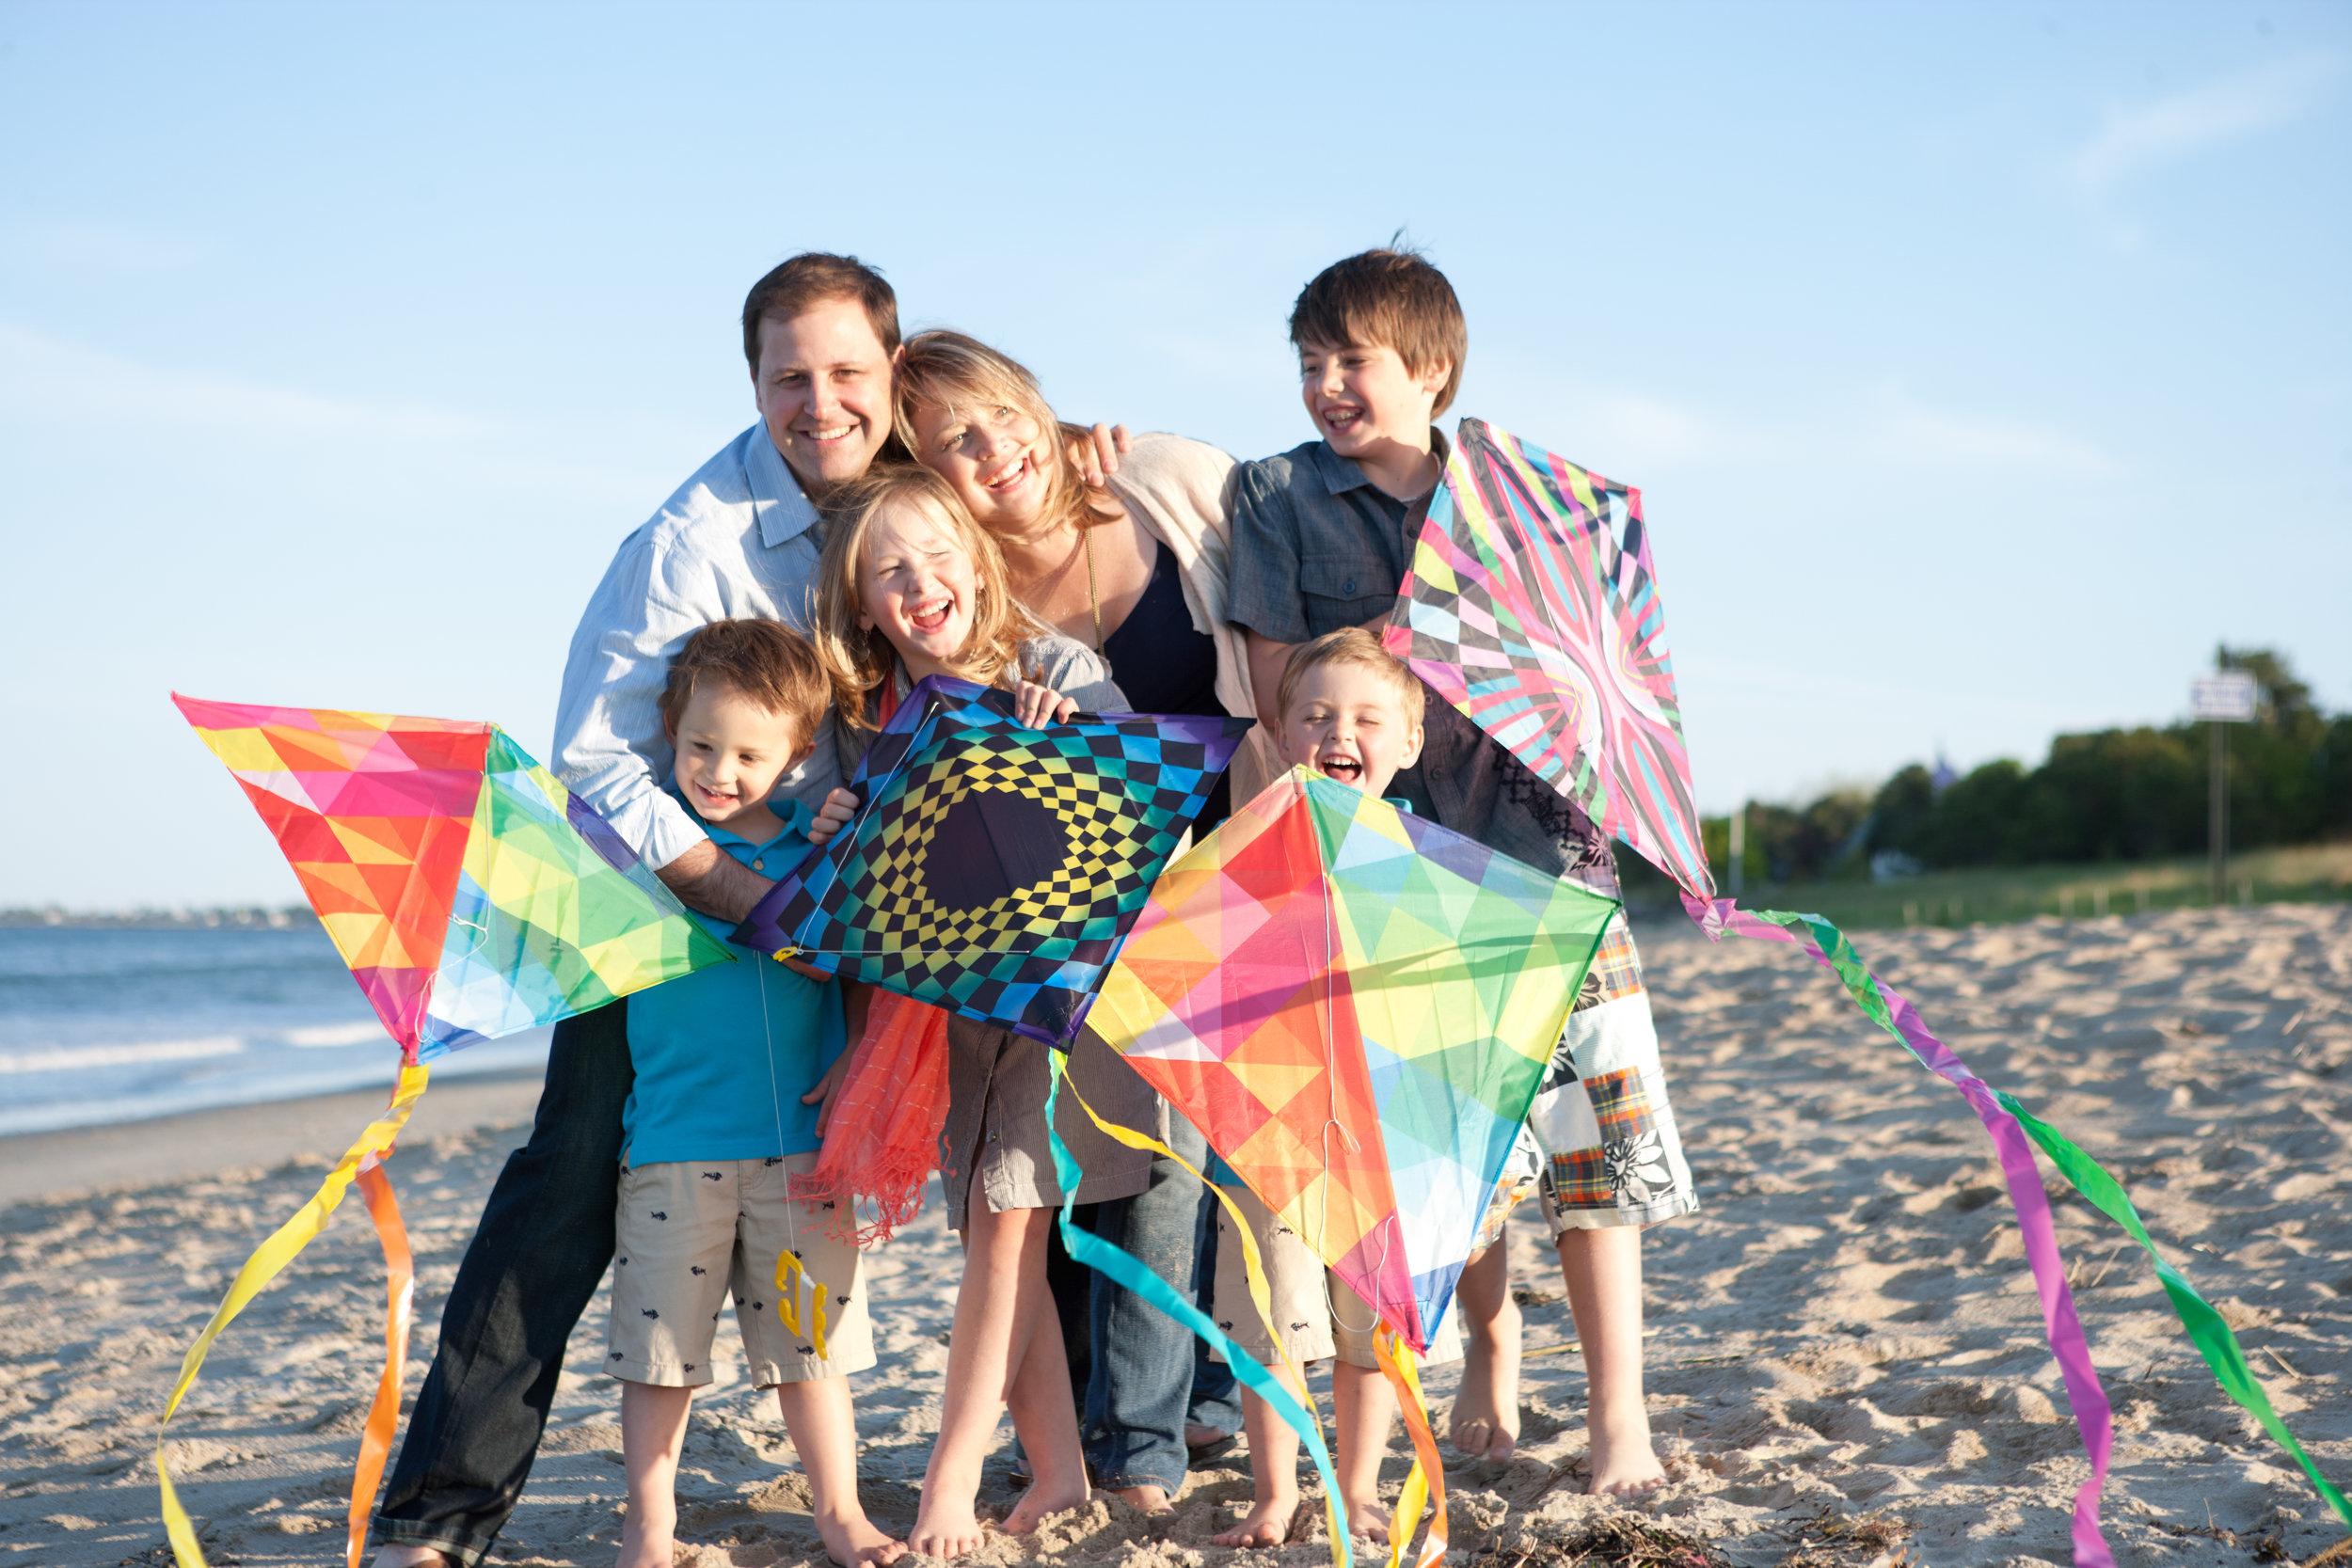 <b>KITES ON THE BEACH</b><br>Edgerley Family